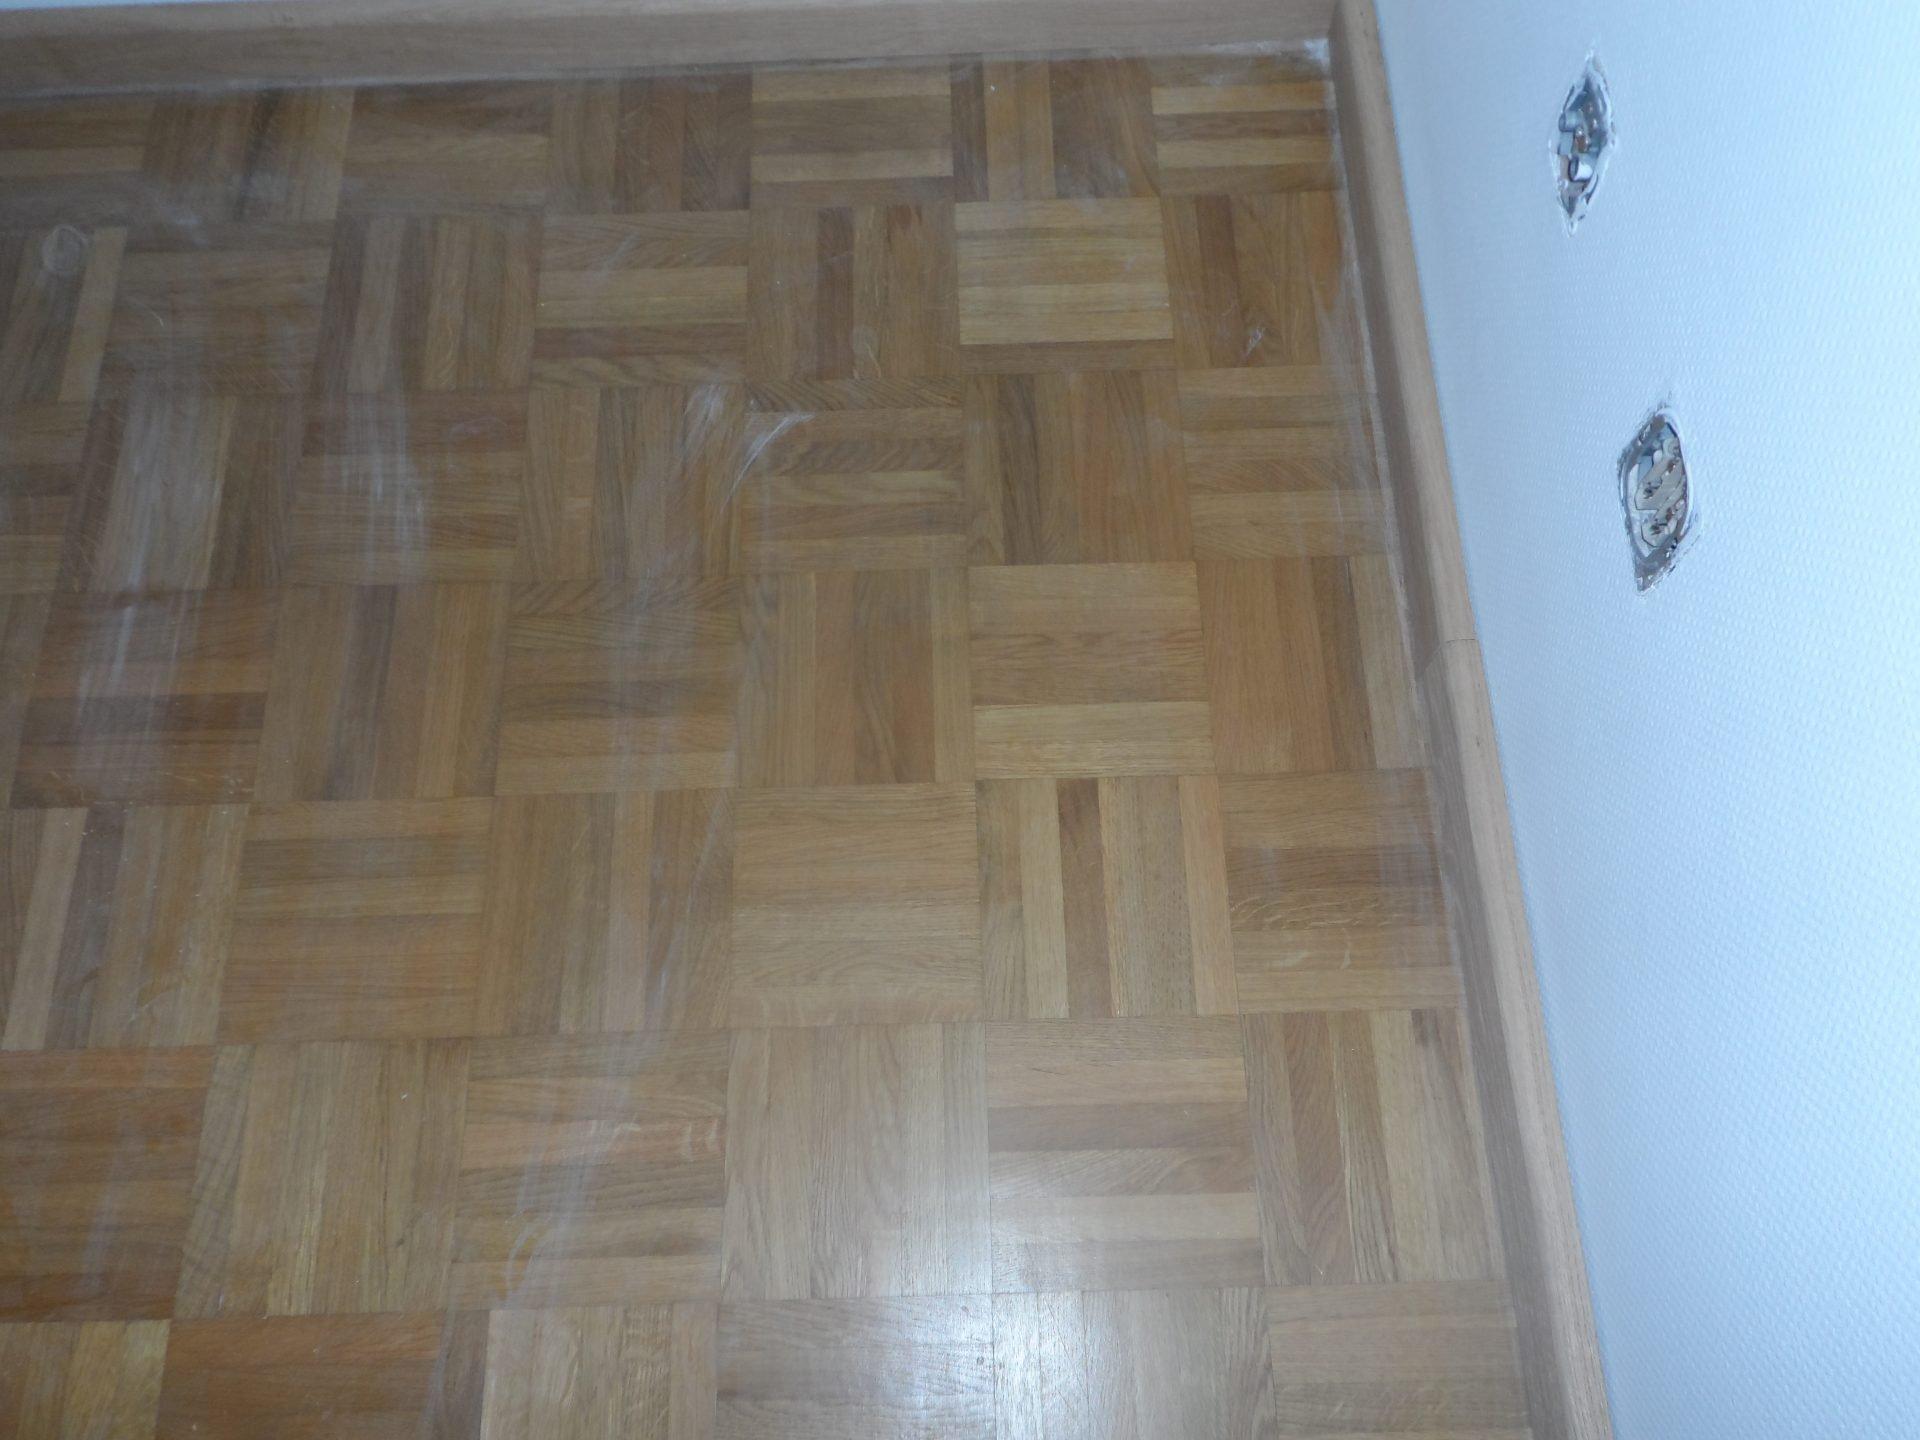 Eiken-mozaiekvloer-schuren-roken-en-inkleuren-met-naturel-wit-en-afgewerkt-met-een-naturelle-olie-1